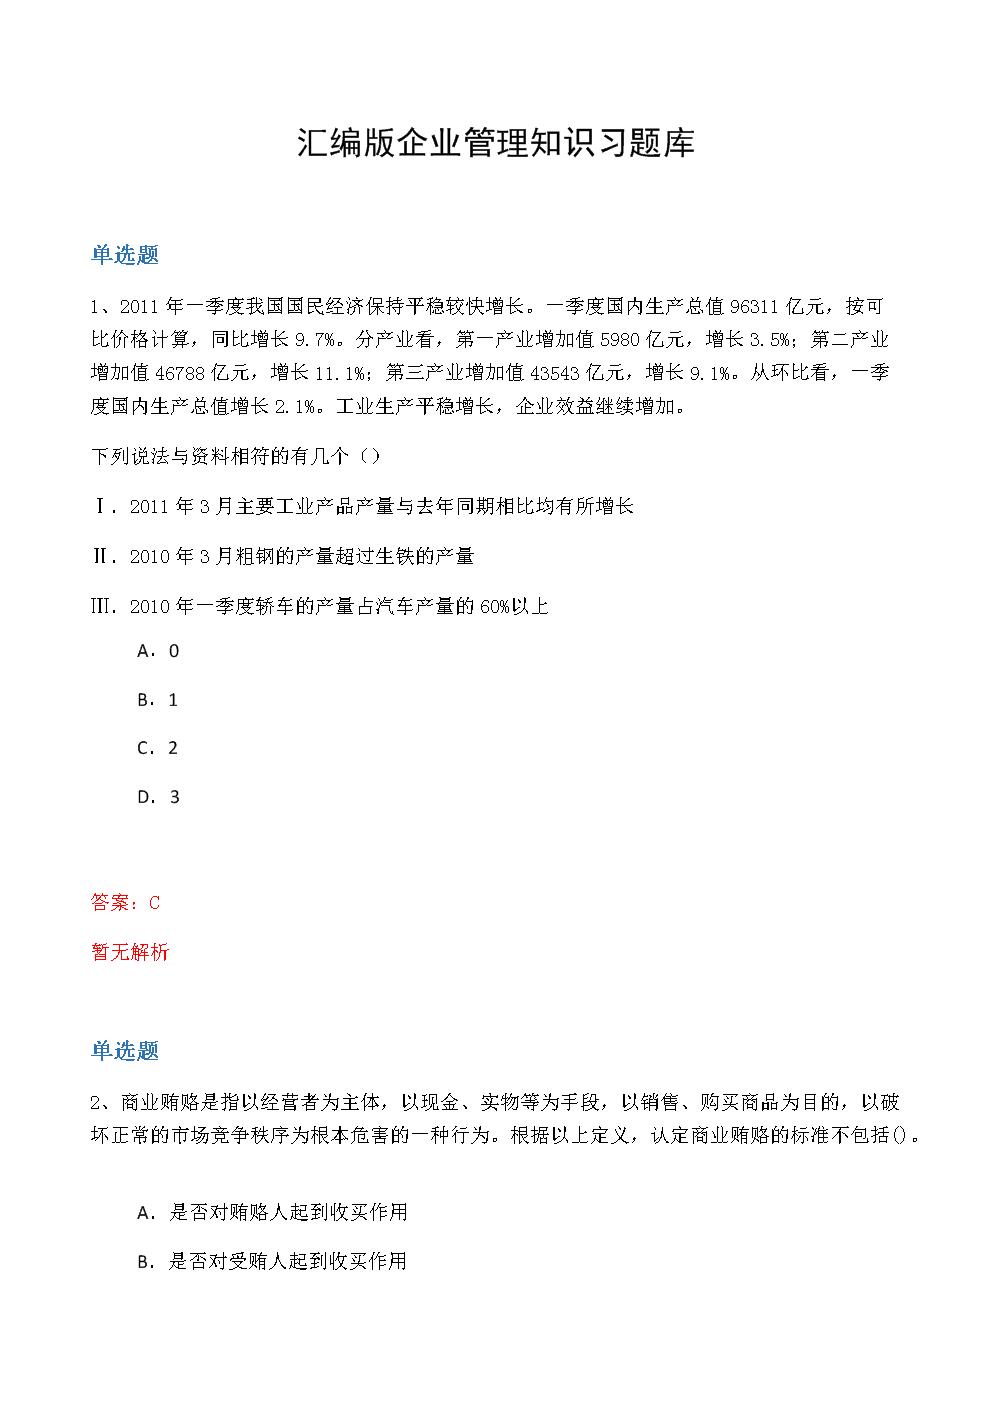 汇编版企业管理知识习题库5263.docx